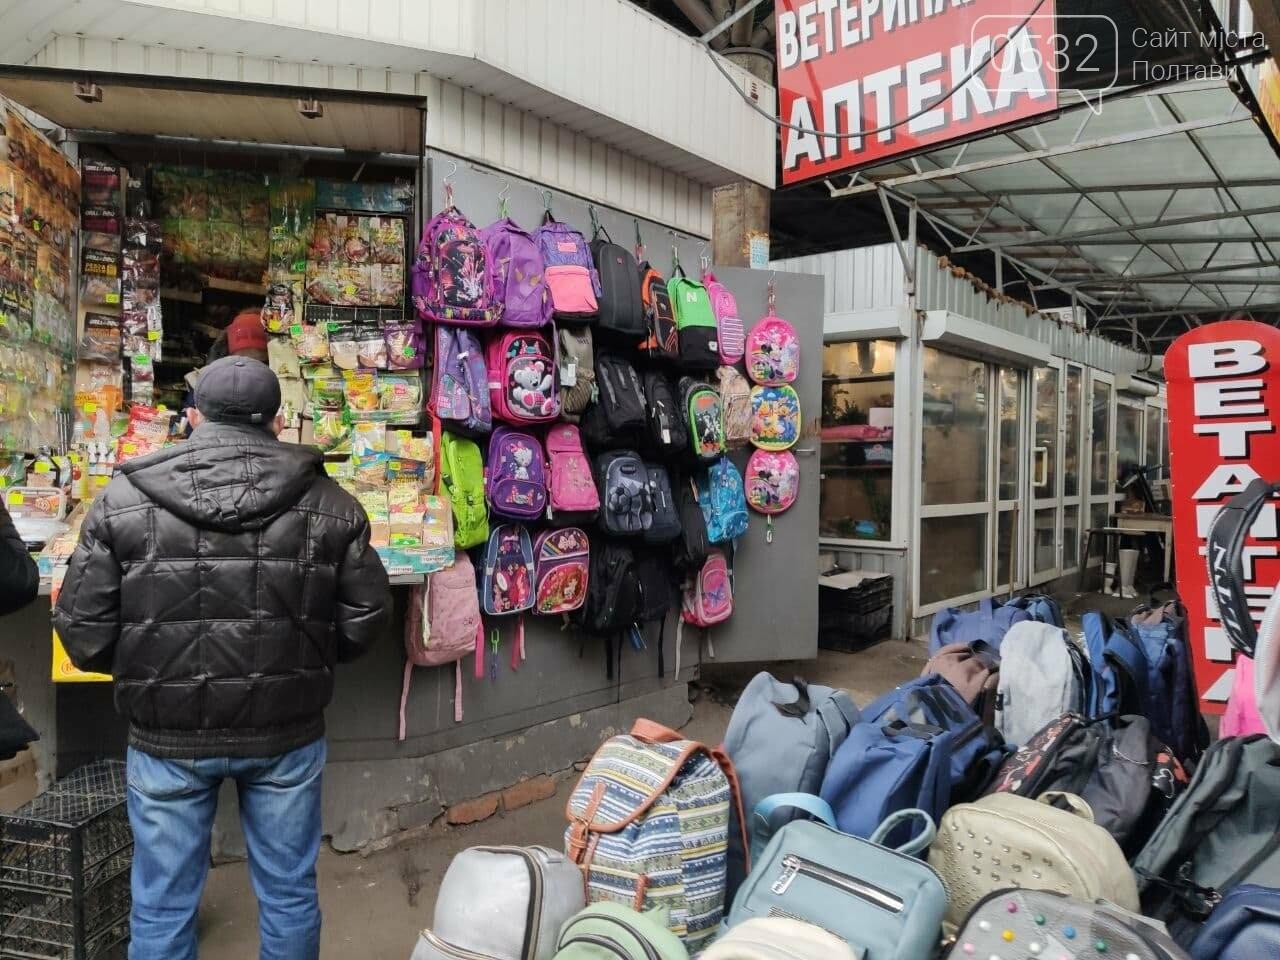 Речовий ринок зачинений, проте одягом усе таки торгують, фото-4